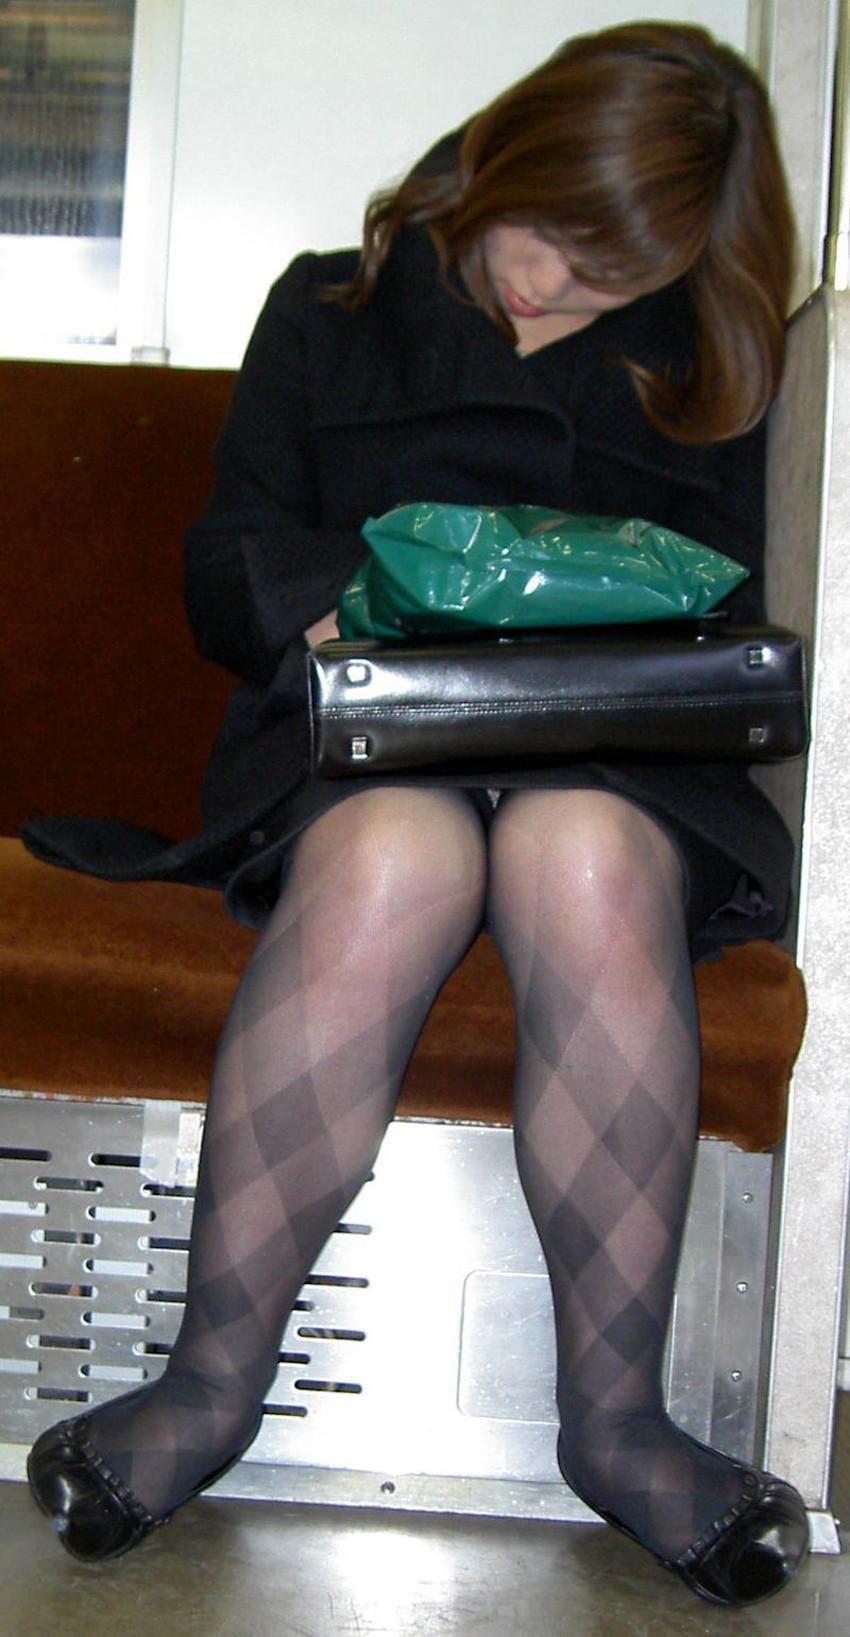 【居眠りパンチラエロ画像】居眠りOLが電車内でお股ユルユル!ww居眠り美女の無防備なパンチラを盗撮した居眠りパンチラのエロ画像集!ww【80枚】 35